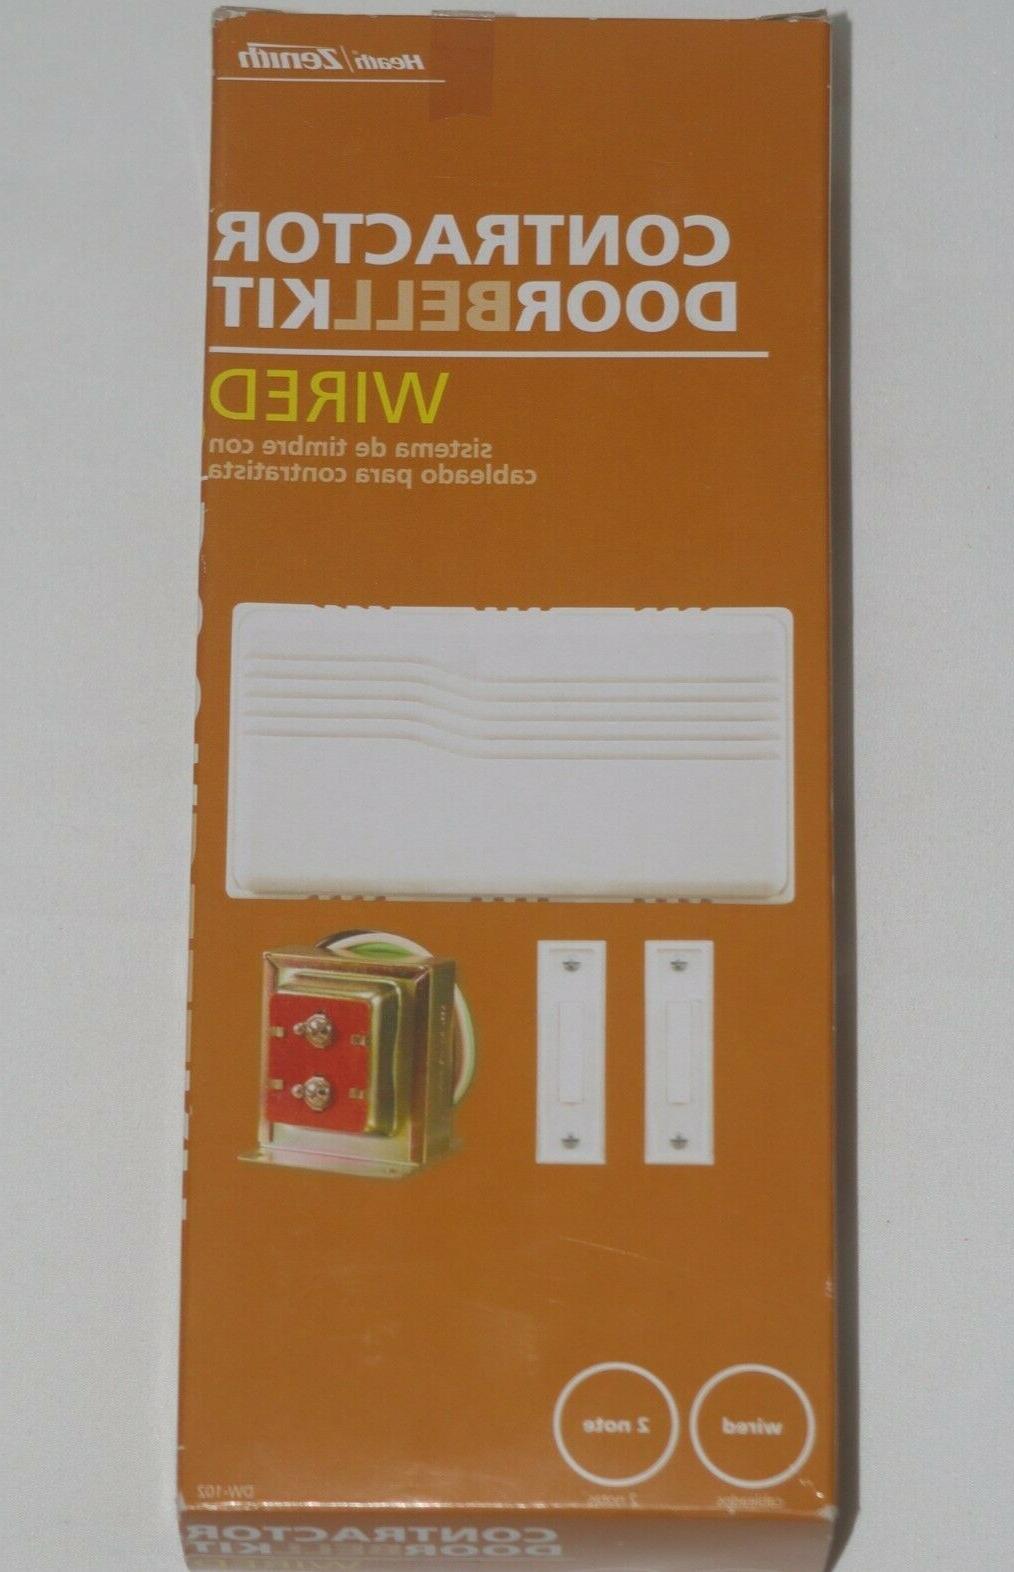 heath zenith contractor doorbell kit wired dw